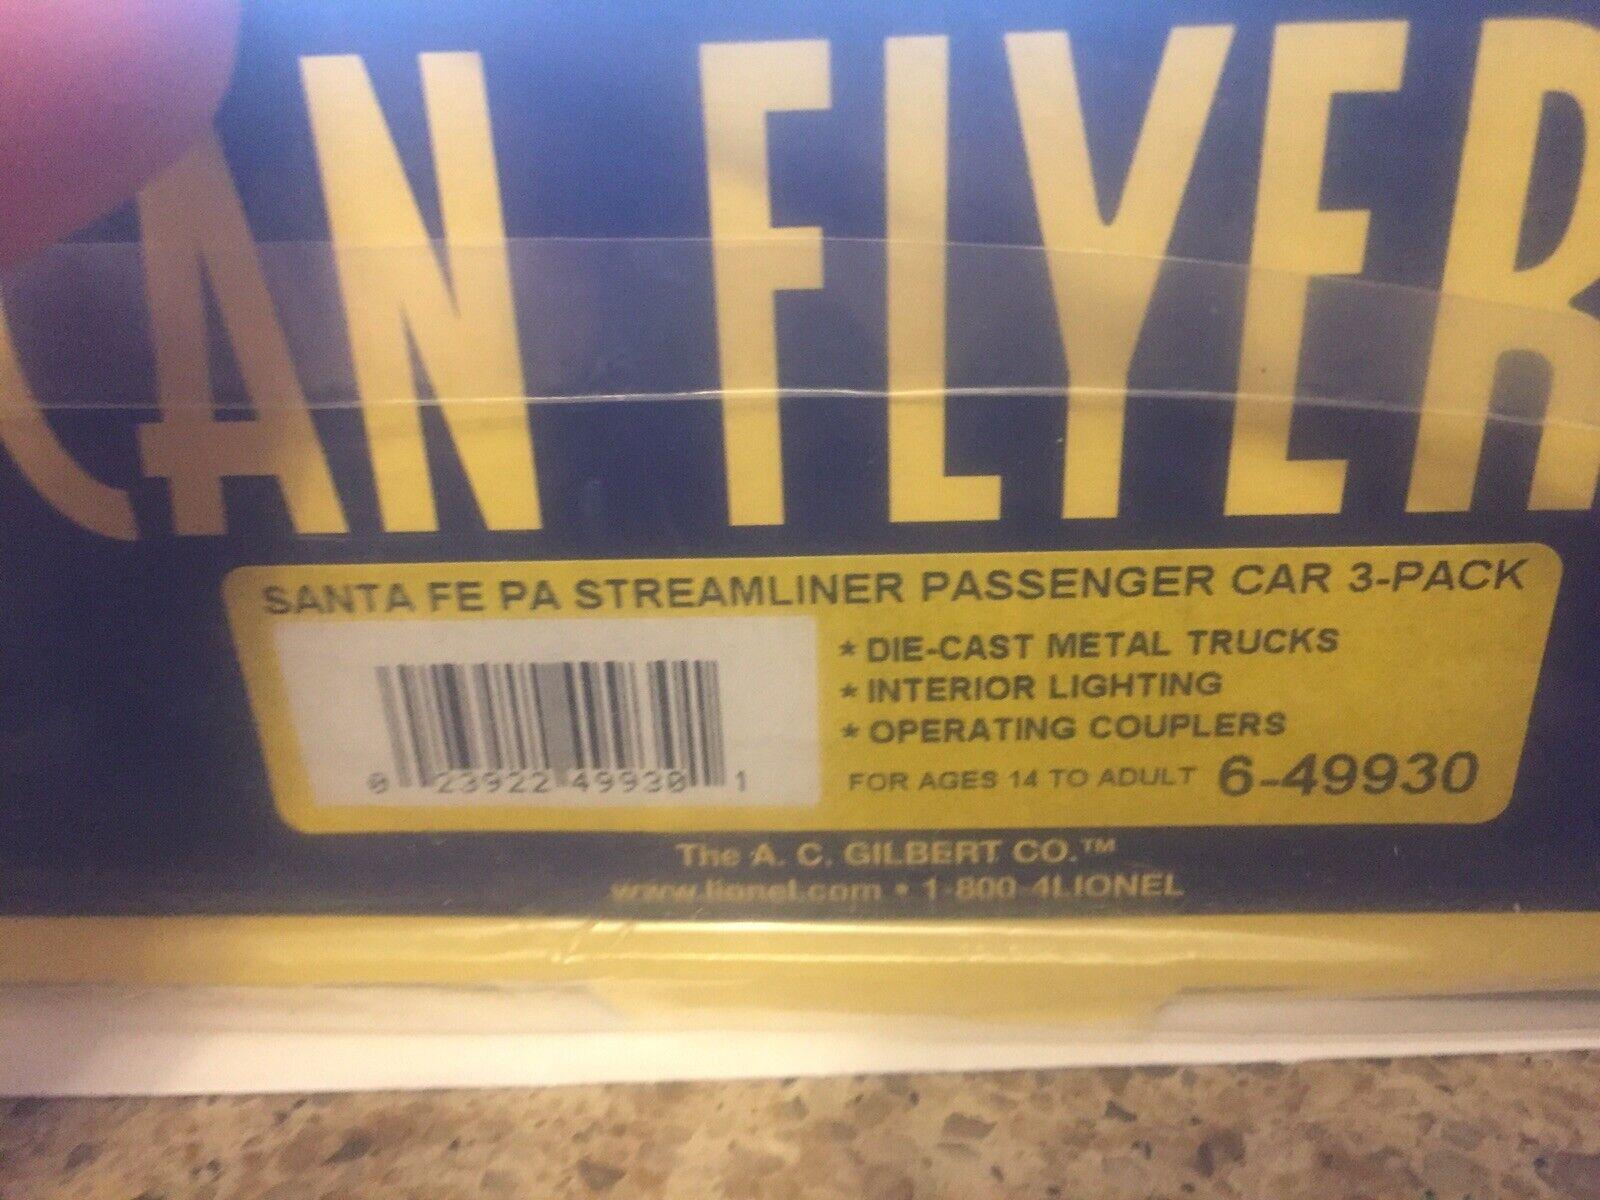 New American Flyer Santa Fe Passenger Car Set With Passenger Windows 3 AF CARS